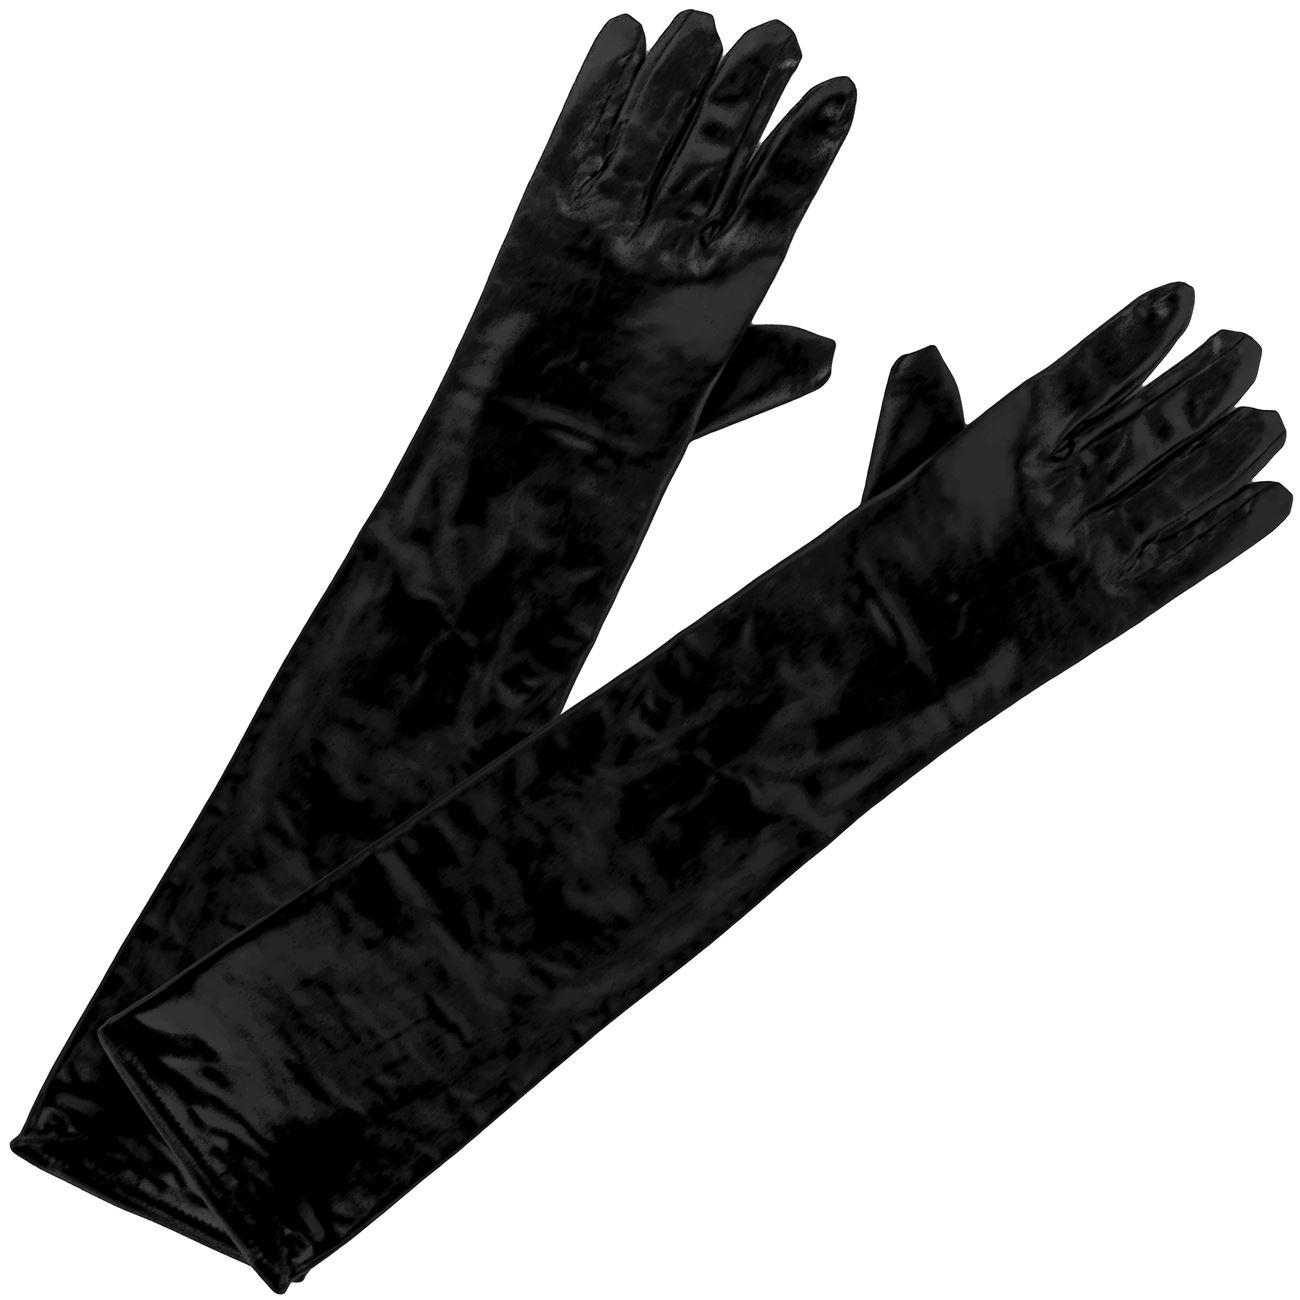 Αποκριάτικα Γάντια Δερμάτινα 48 εκ.   Γάντια Μεταμφίεσης  7cbbdbfd2c2